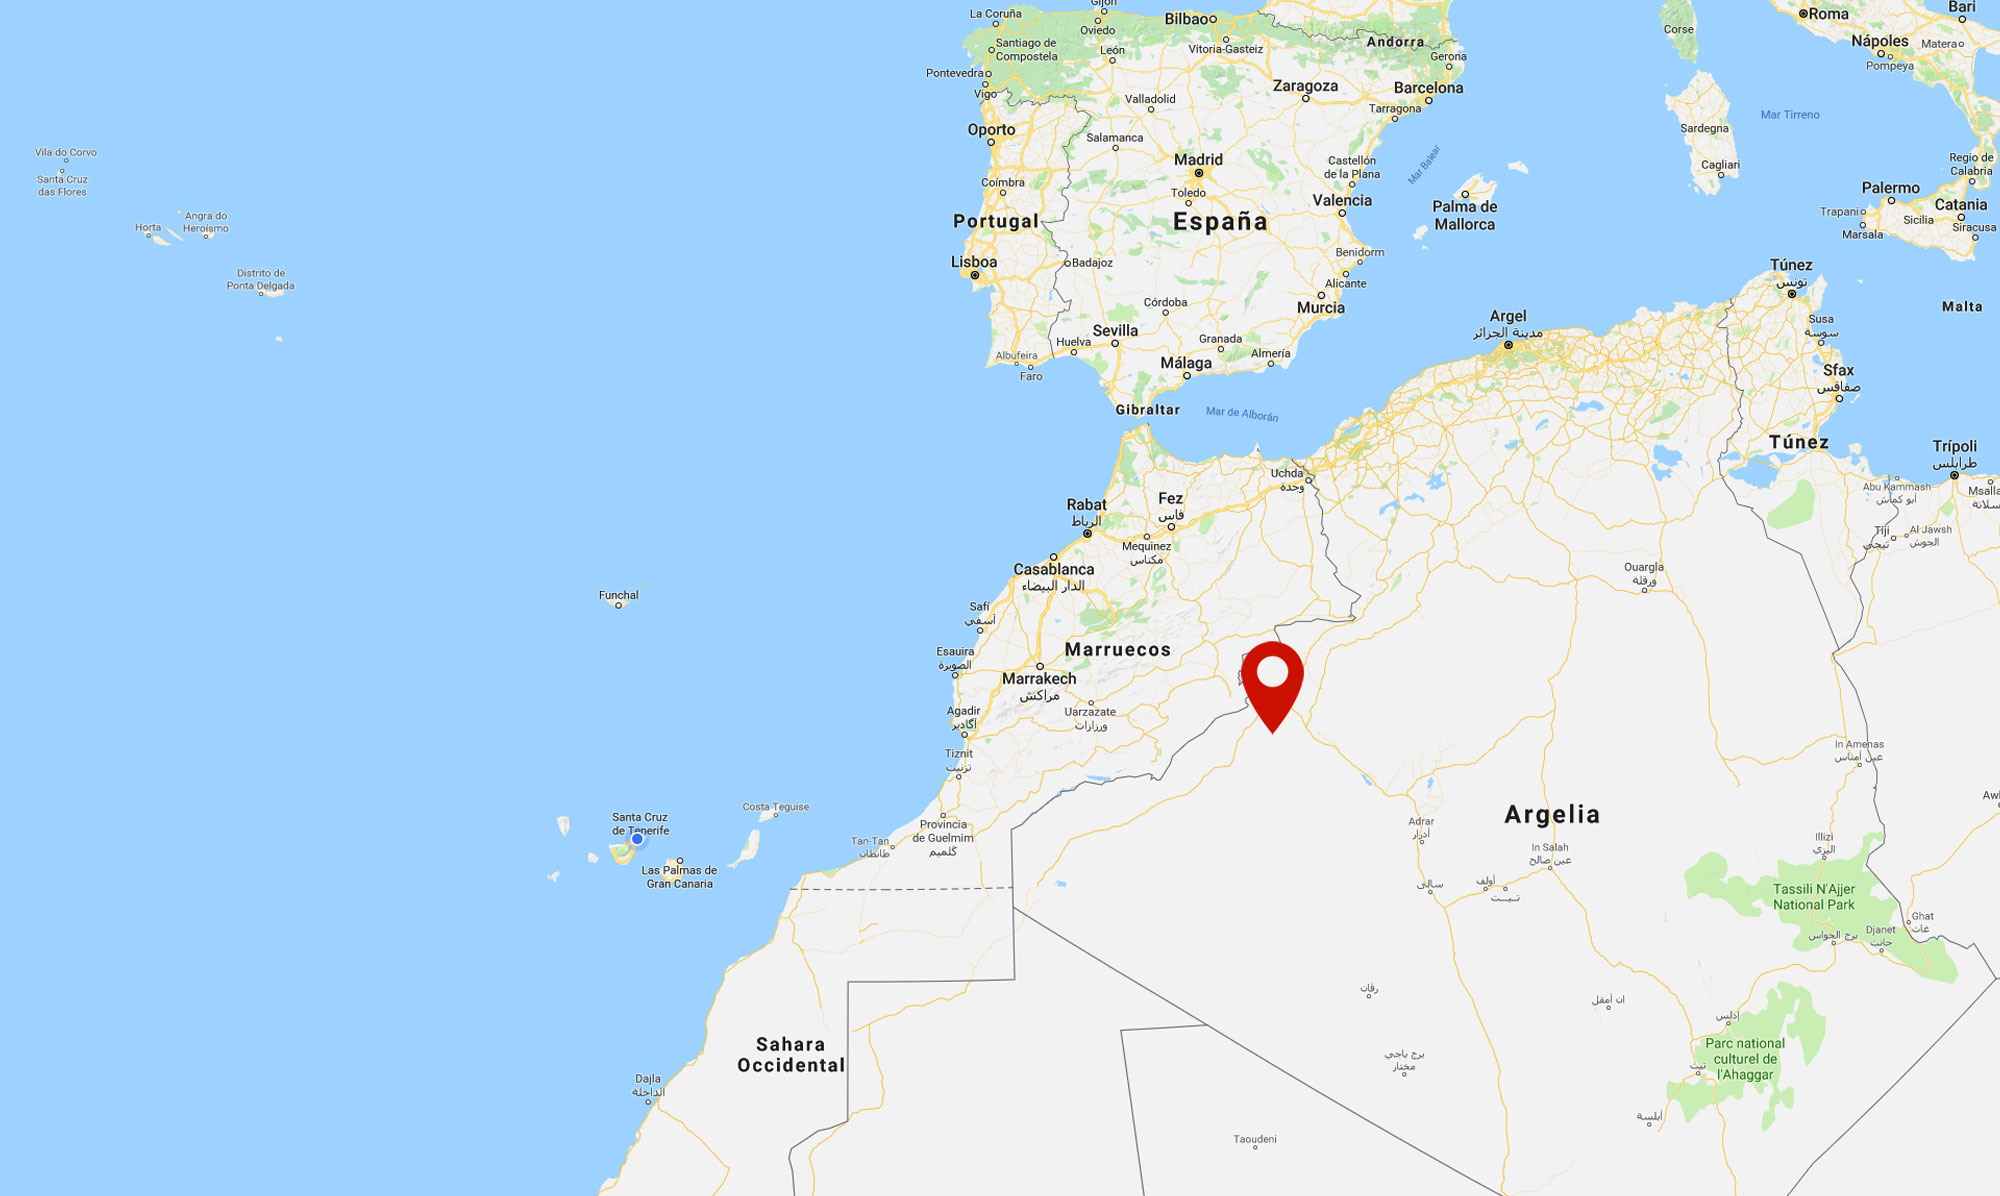 CASA-DELTIMPLE-LANZAROTE-Ubicacion-Marruecos